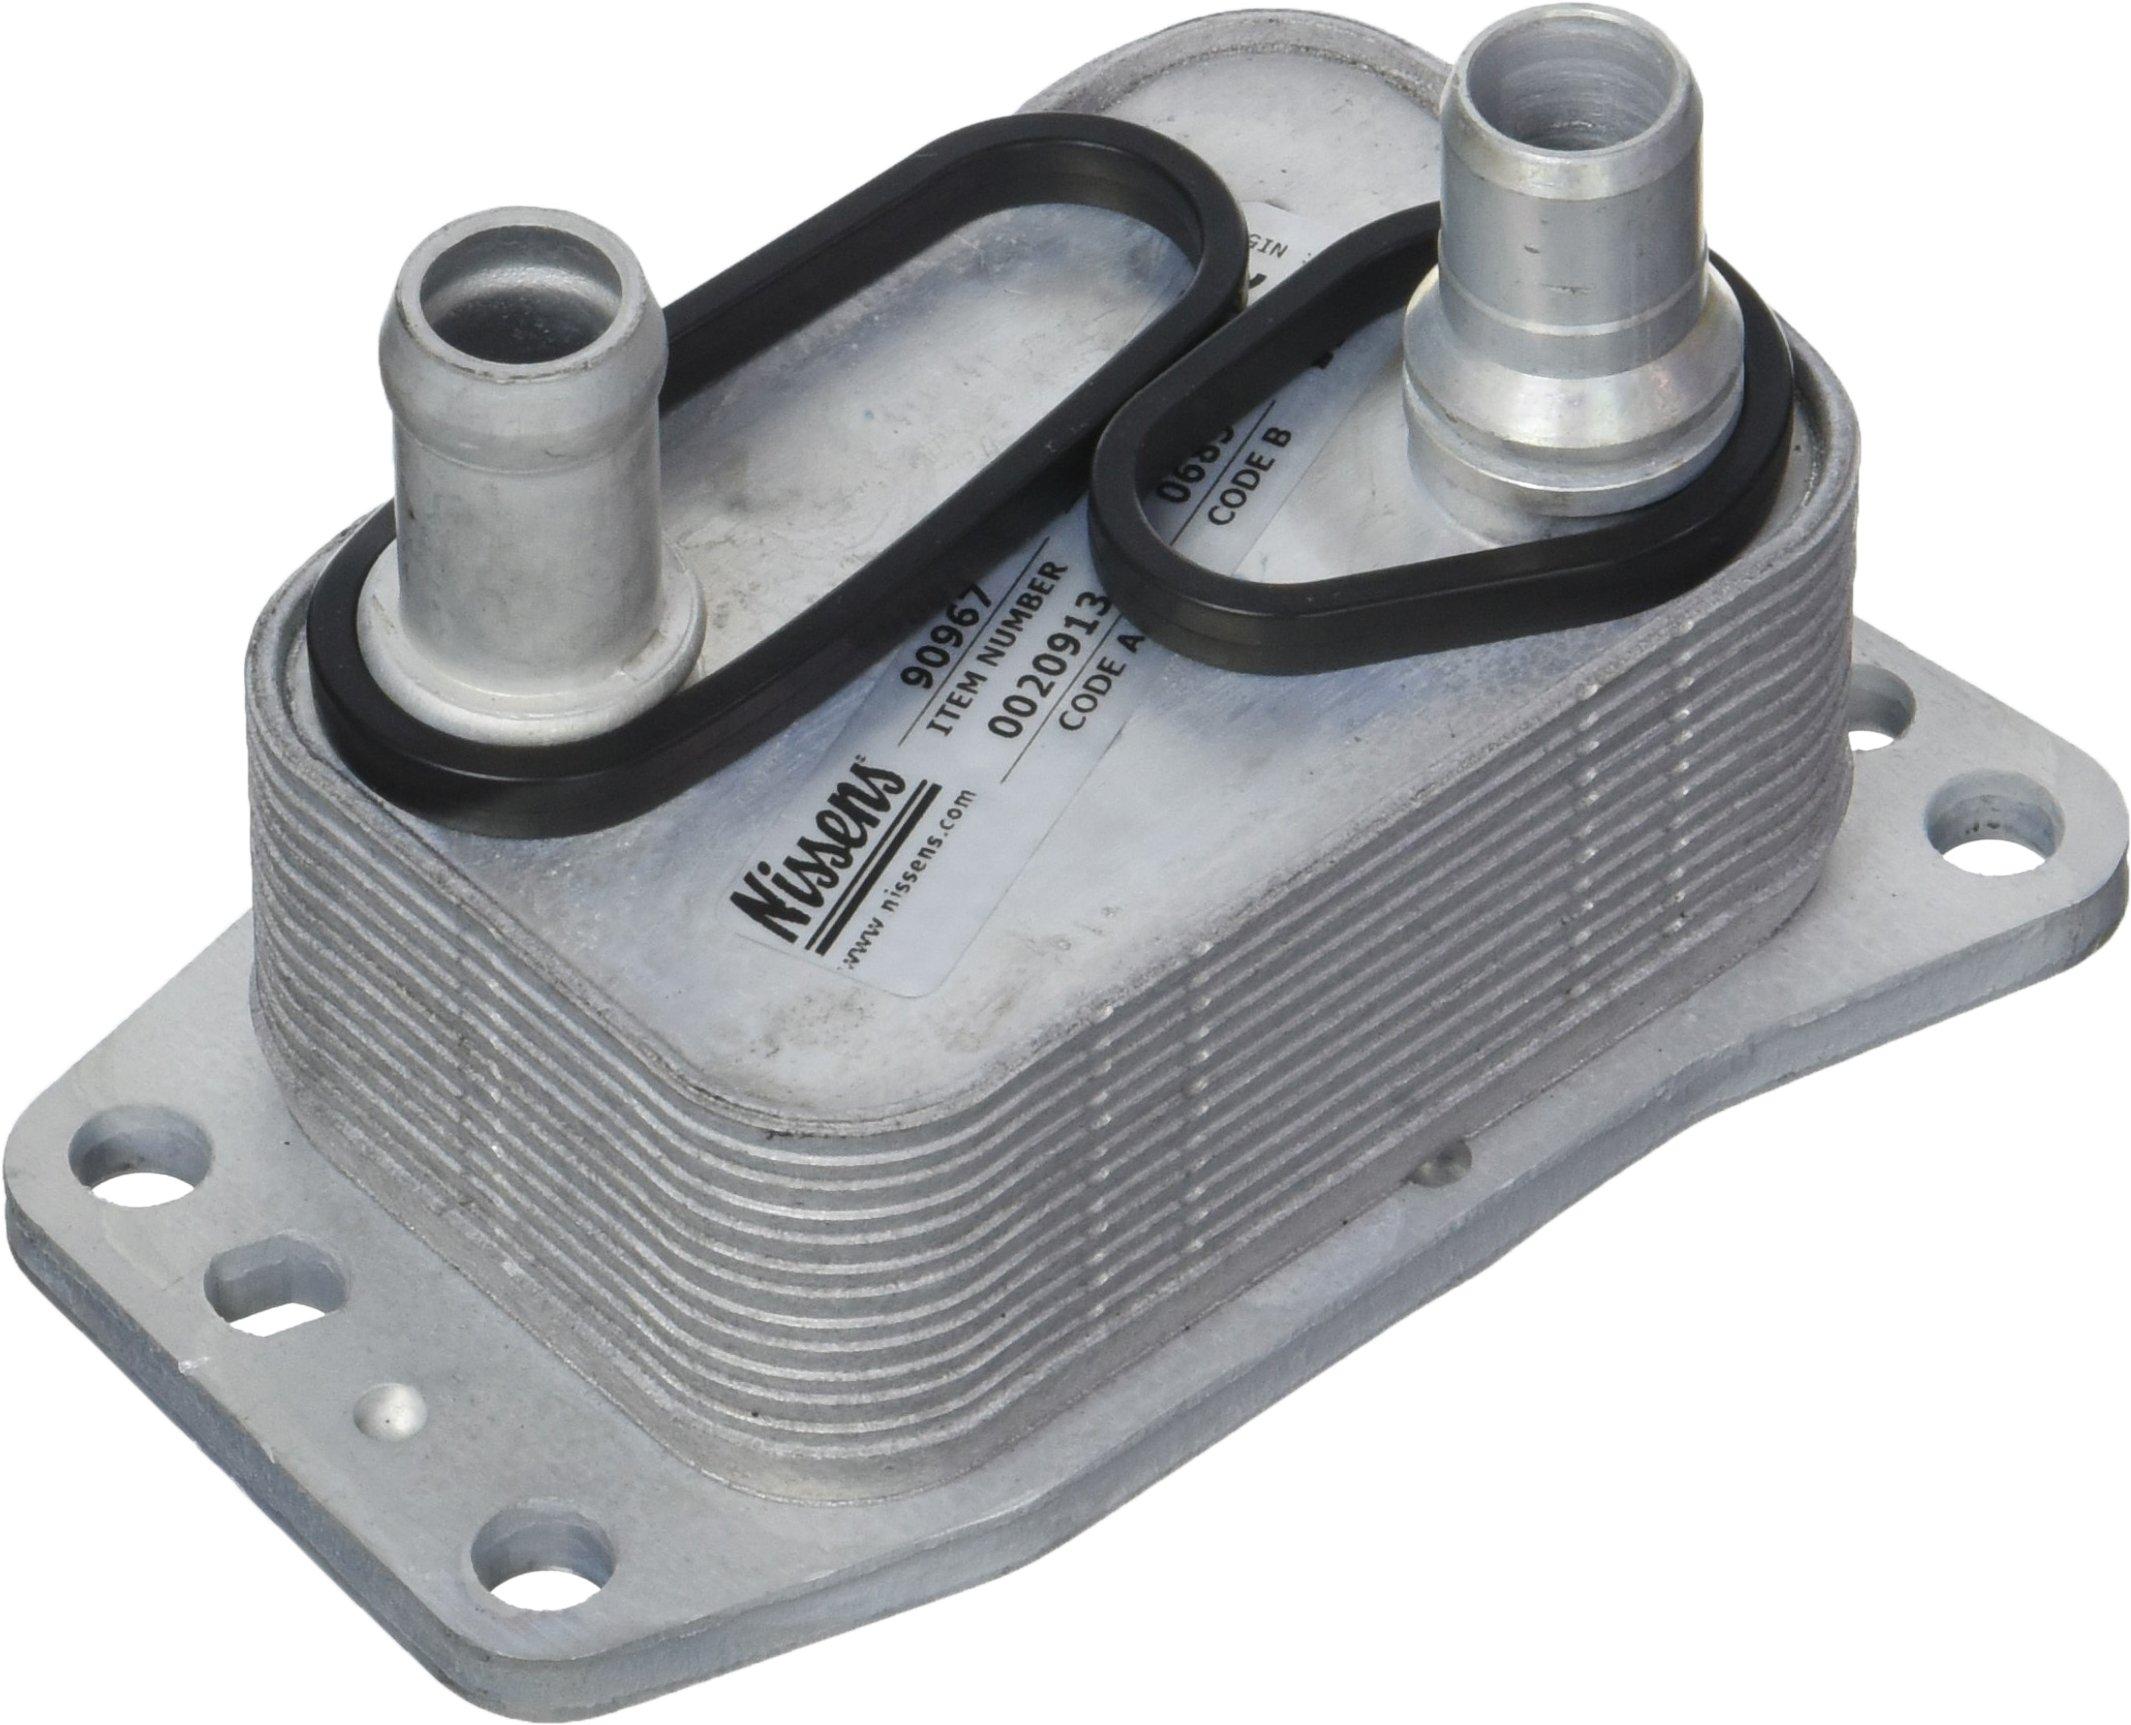 NISSENS 90967 Engine Blocks